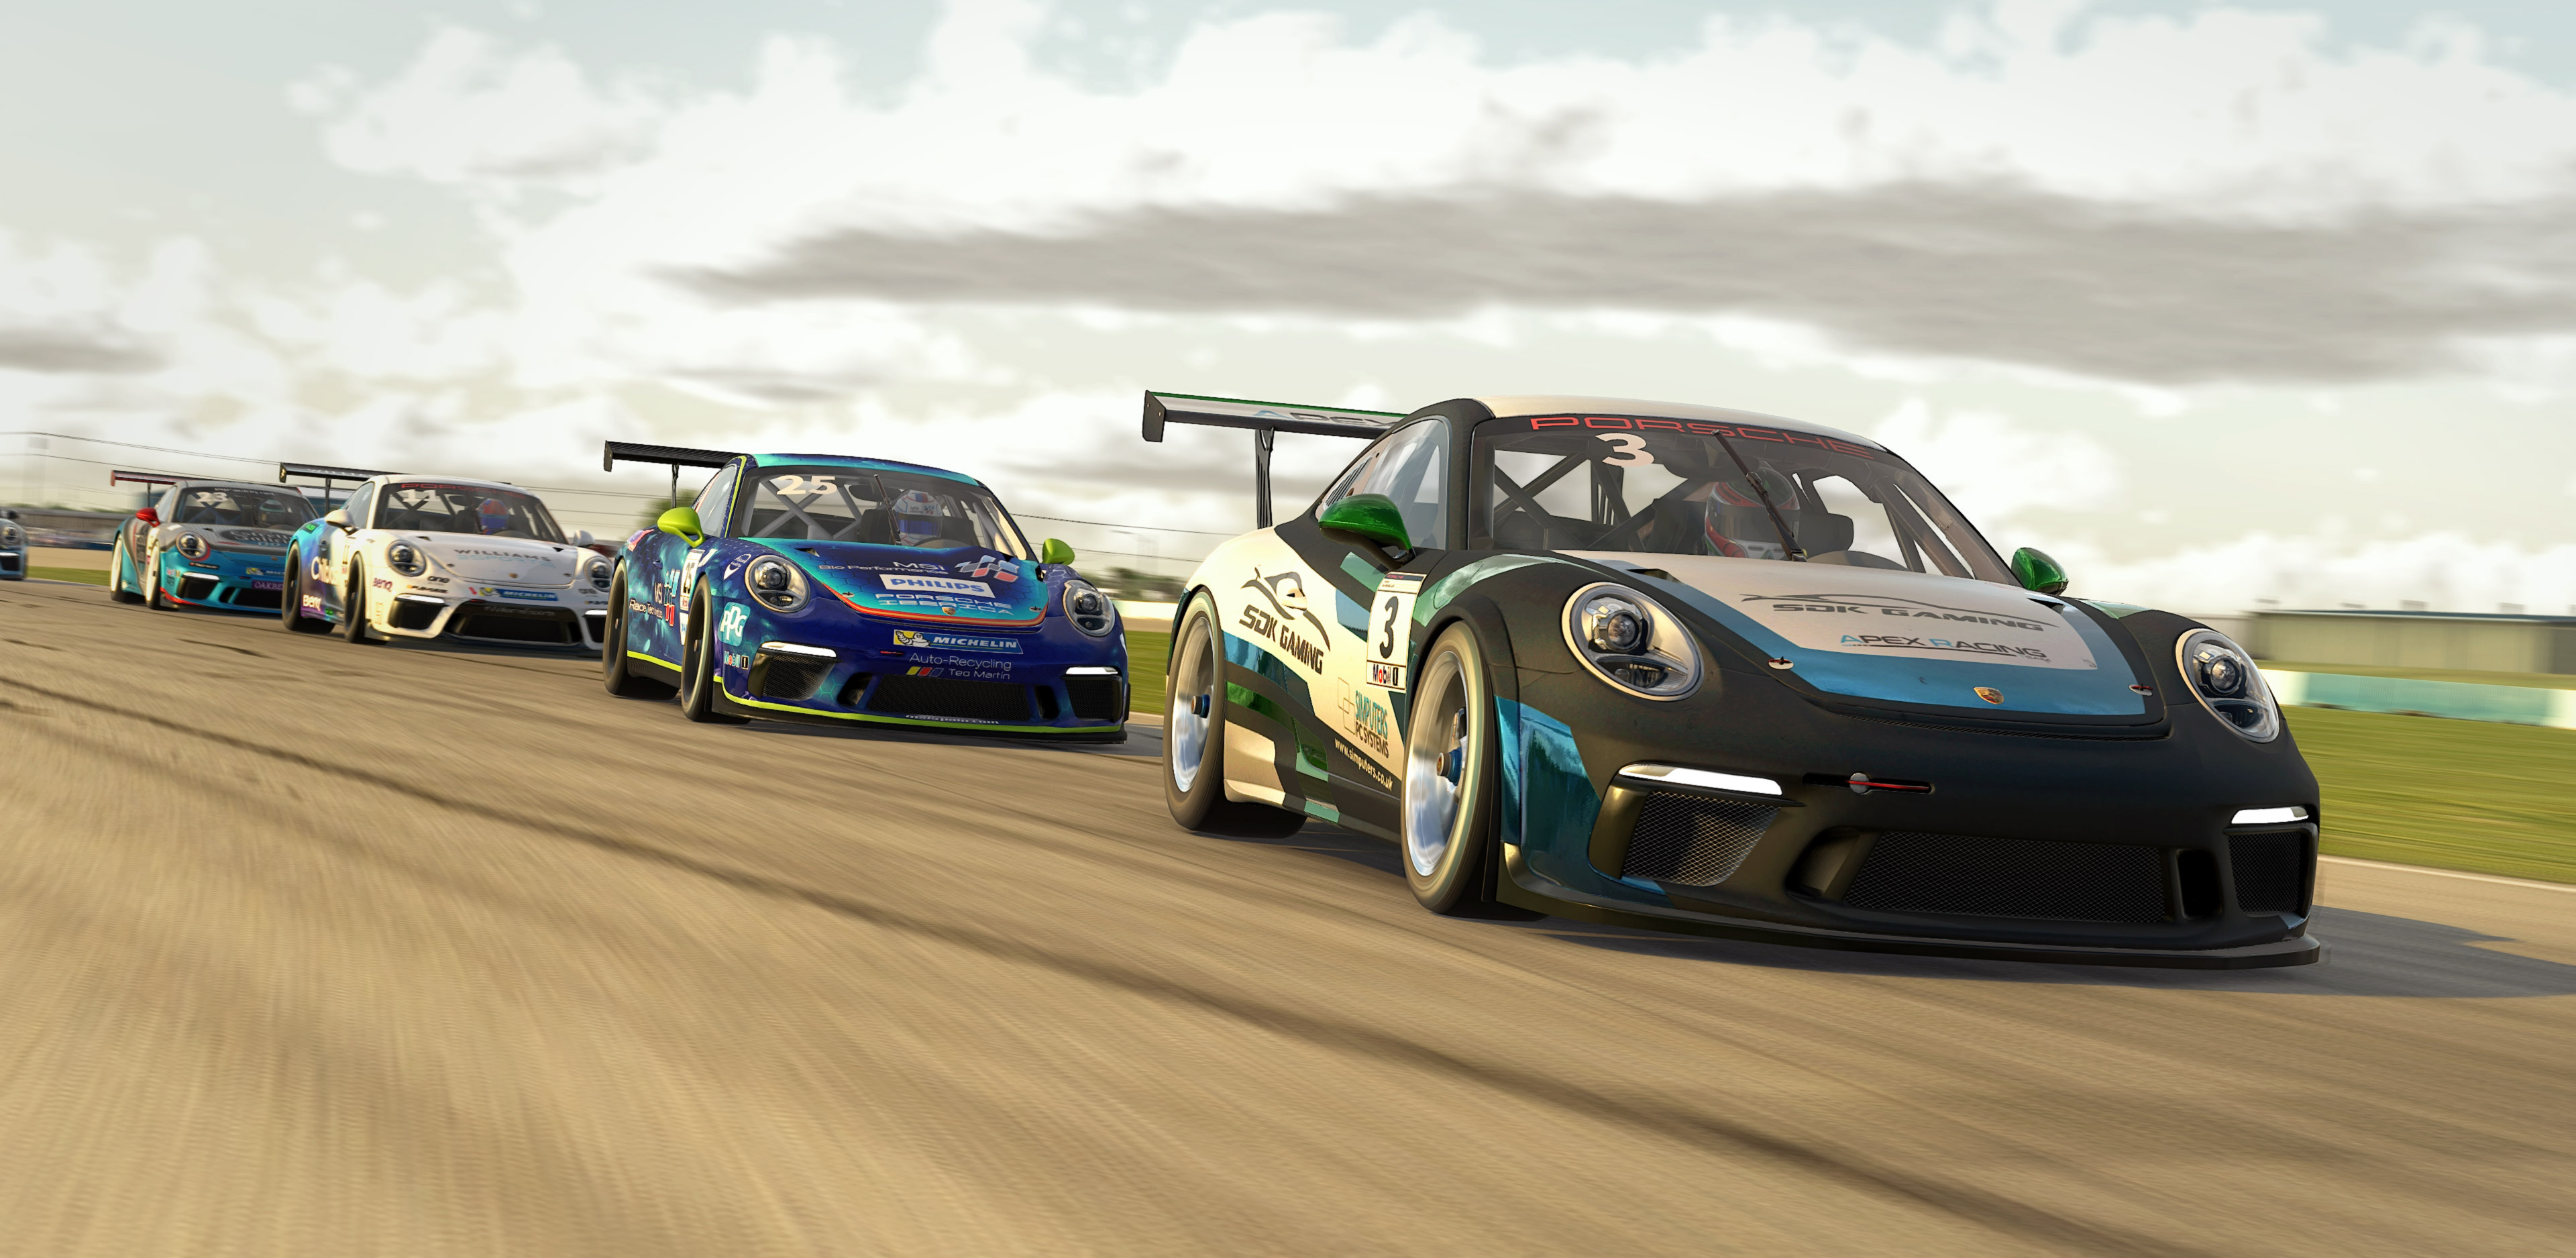 Porsche Tag Heuer Esports Supercup Qualifiers – Sebring